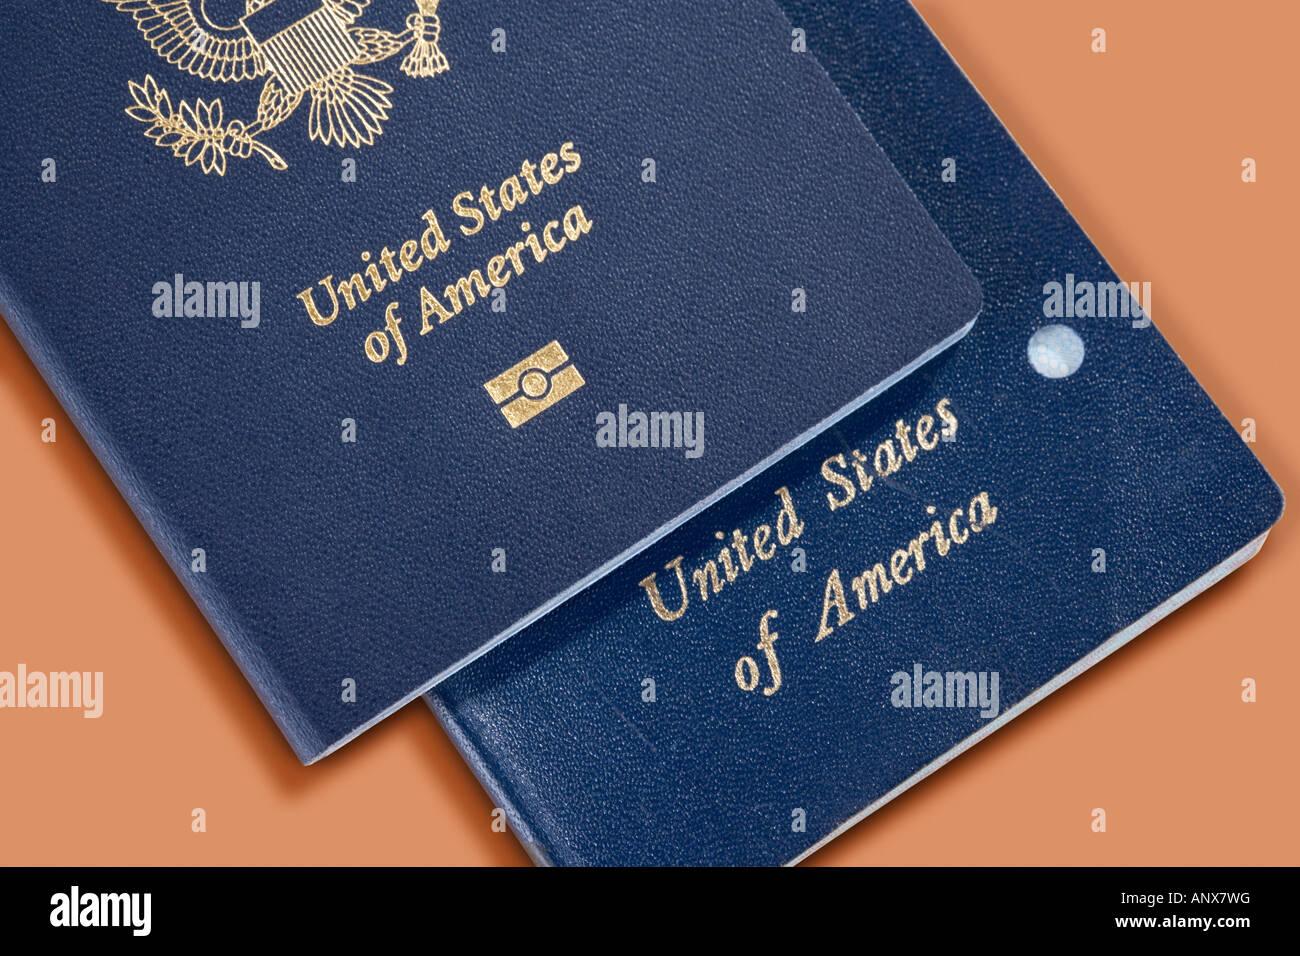 Neuen elektronischen Reisepass mit alten abgebrochenen nicht gechipt version Stockbild